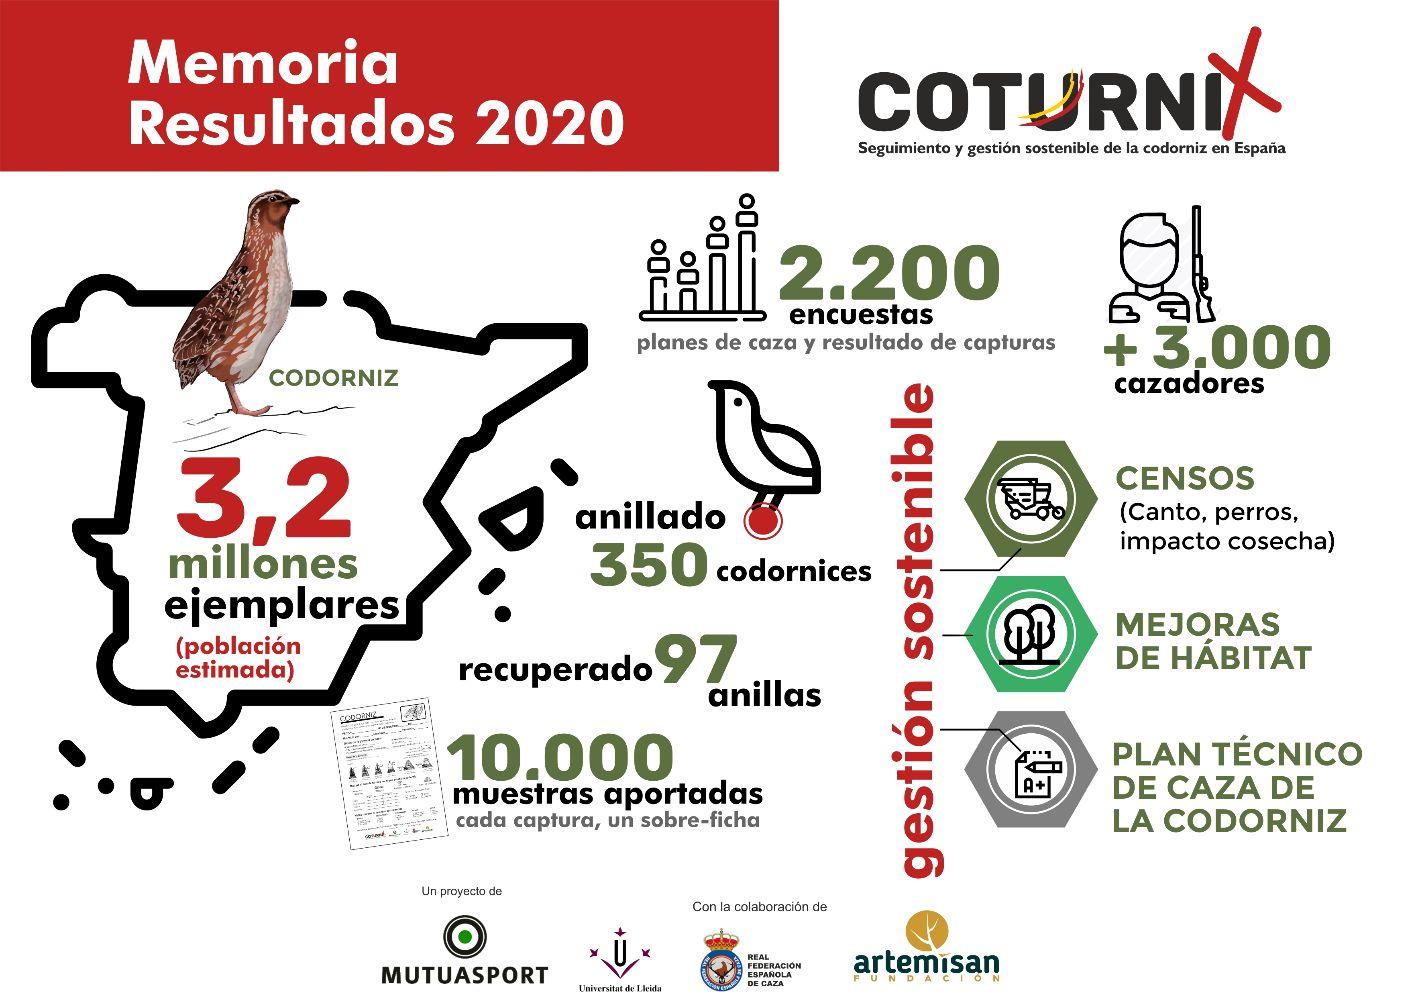 Resultados codorniz primer año de coturnix 2020